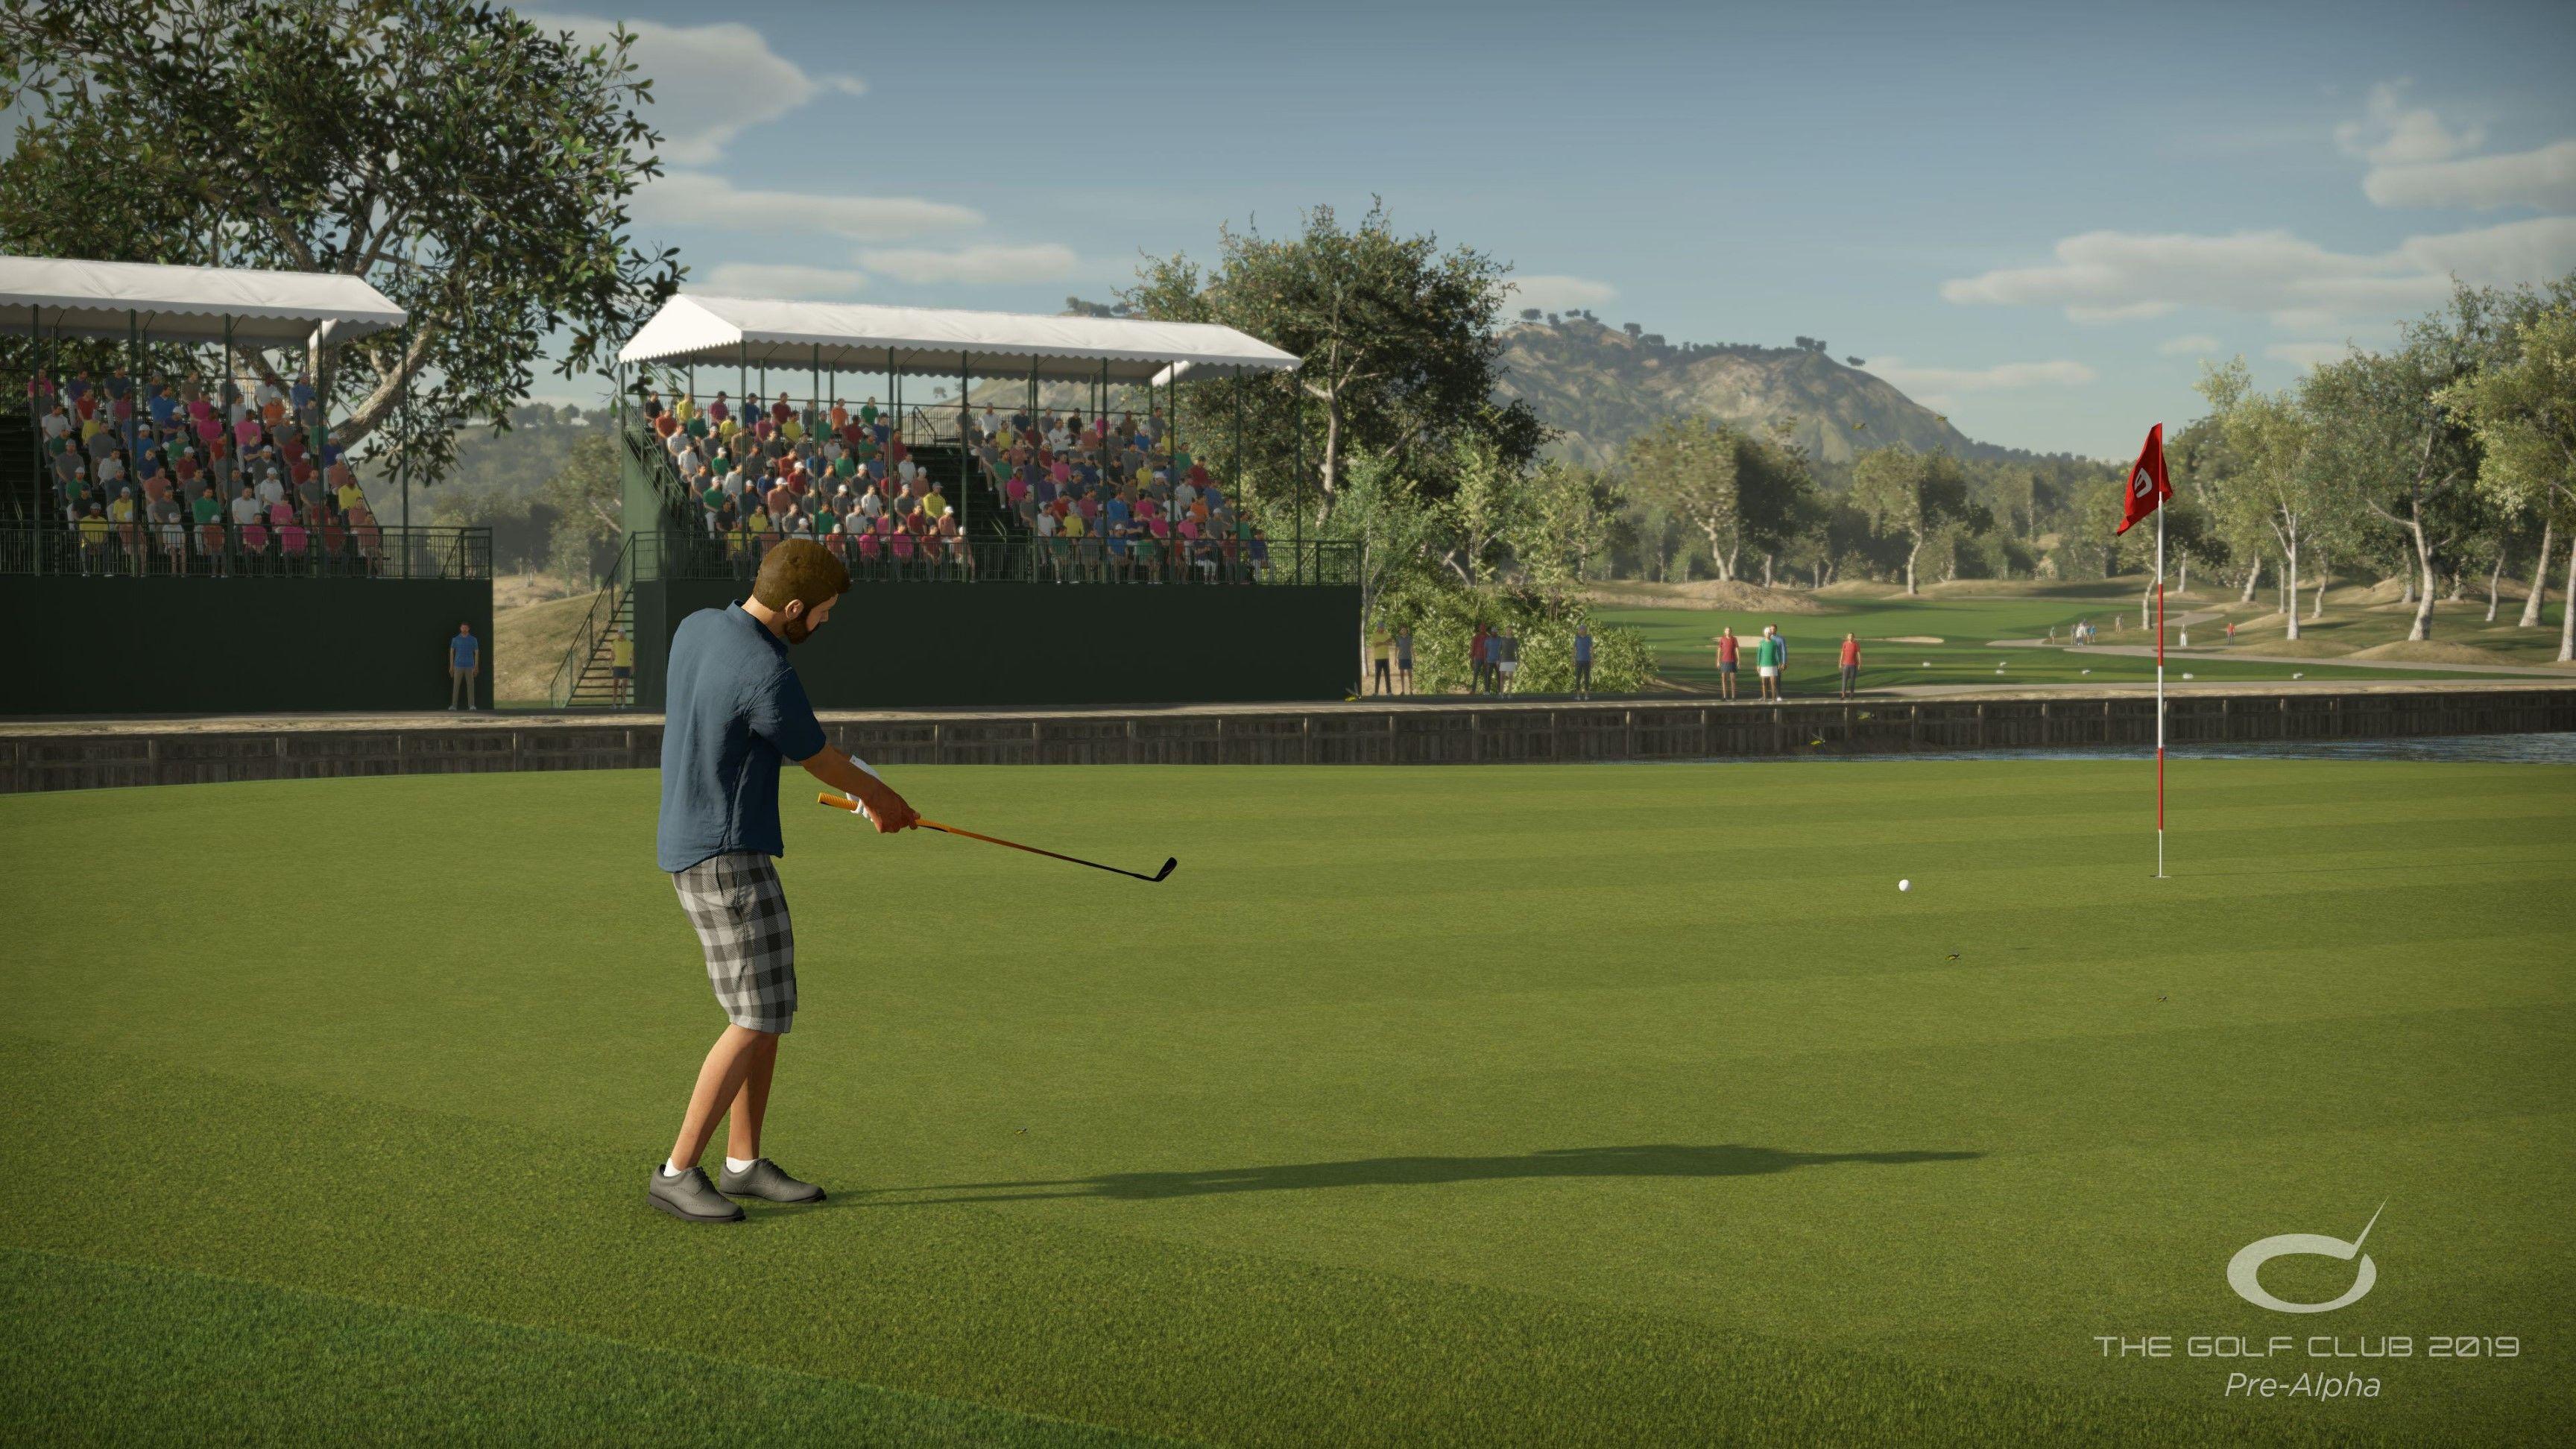 The Golf Club 2019: Entwickler haben die PGA Tour-Lizenz ...